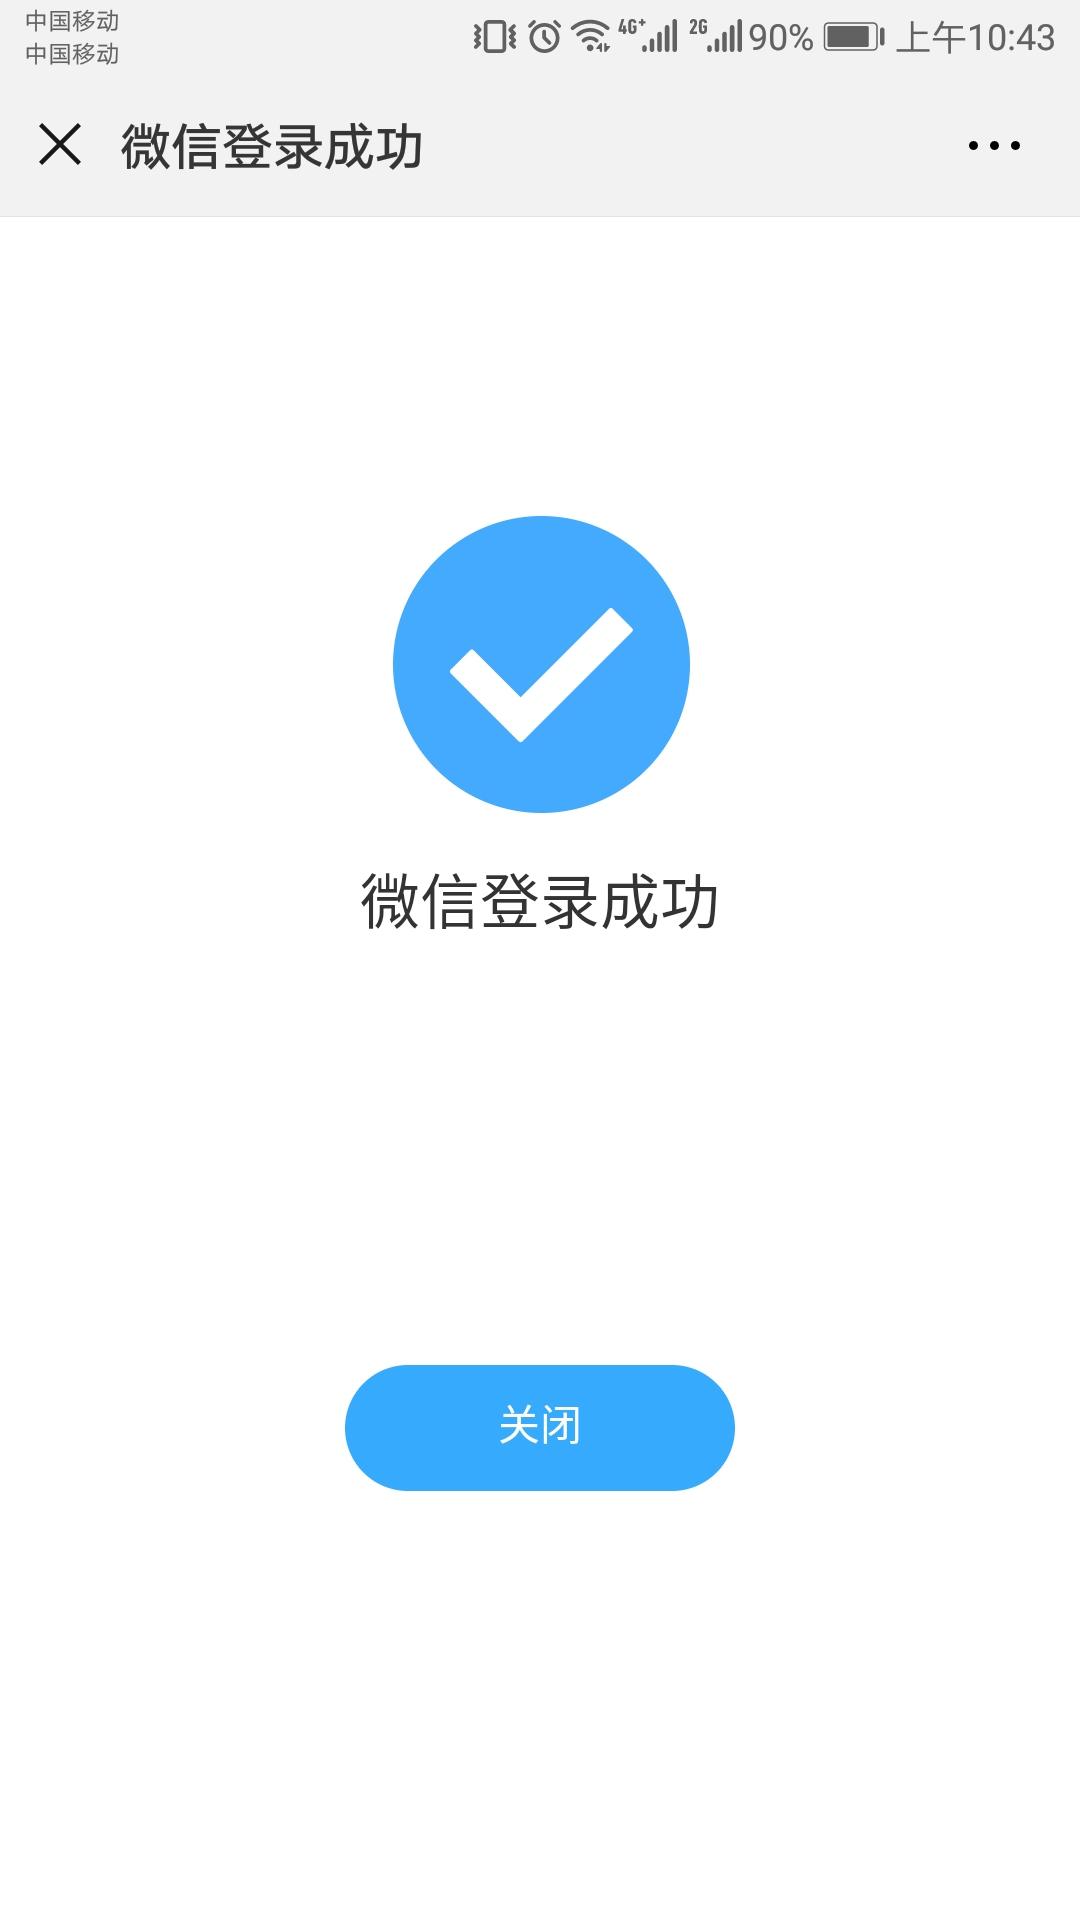 微信登录后台成功.jpg